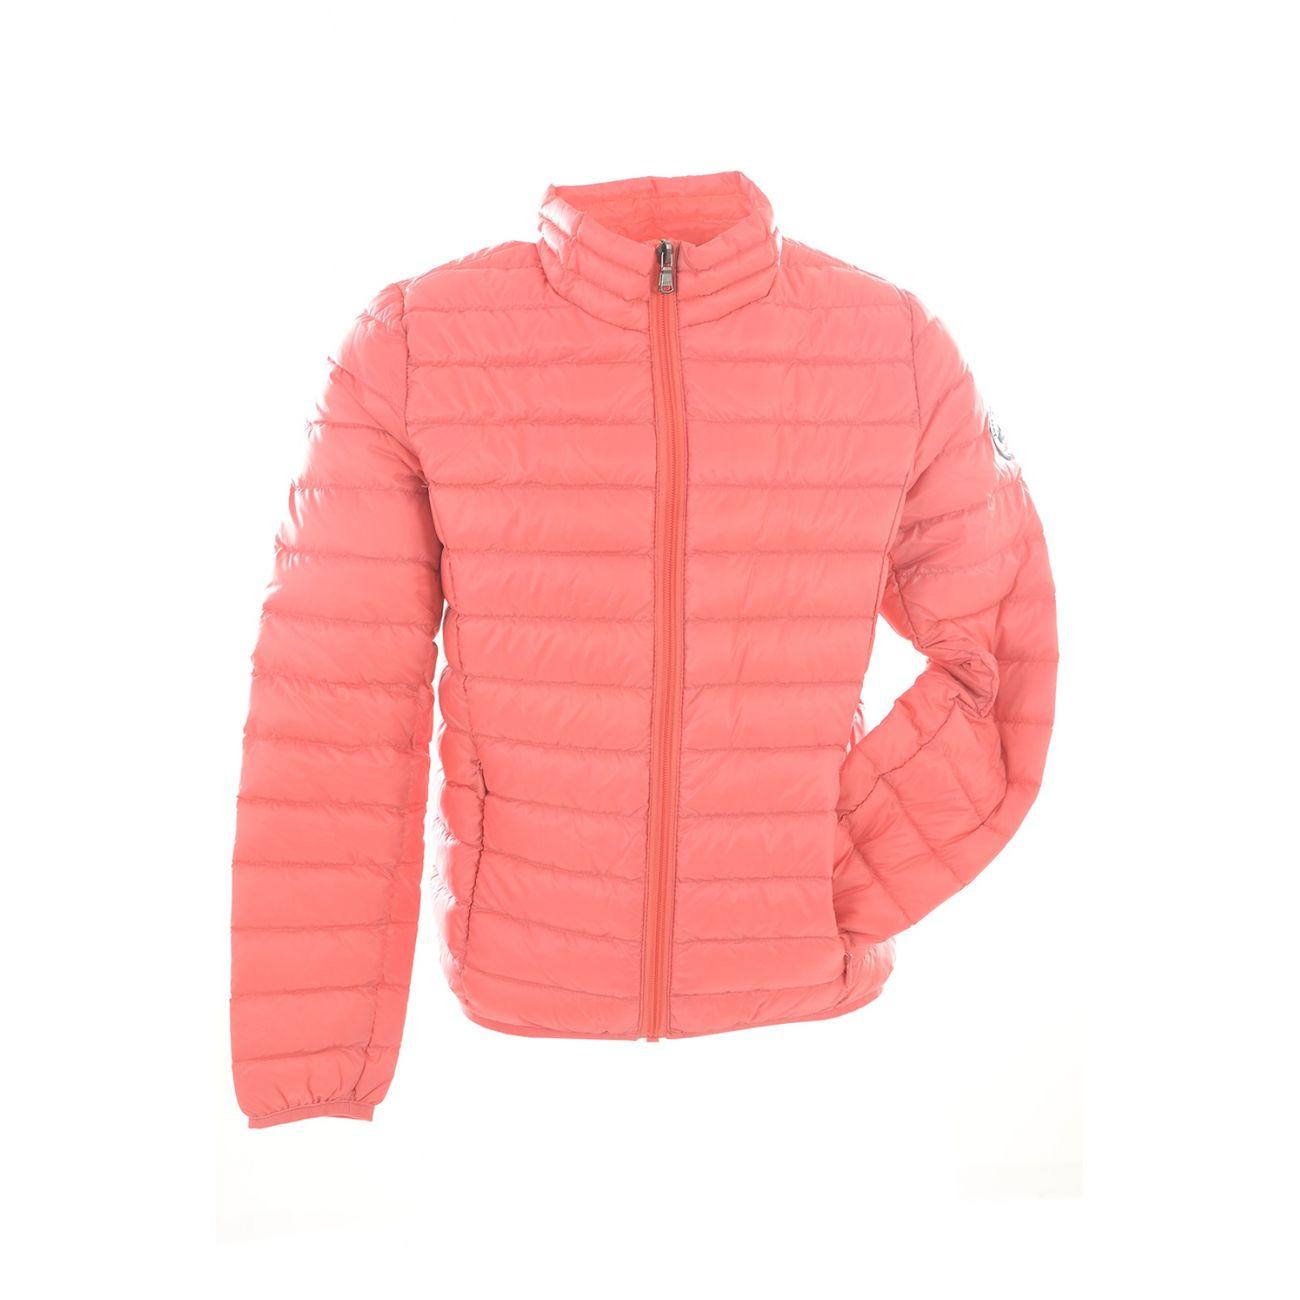 nouveau style fed38 35d41 JOTT Doudoune Enfant Mixte Eva – achat et prix pas cher - Go ...